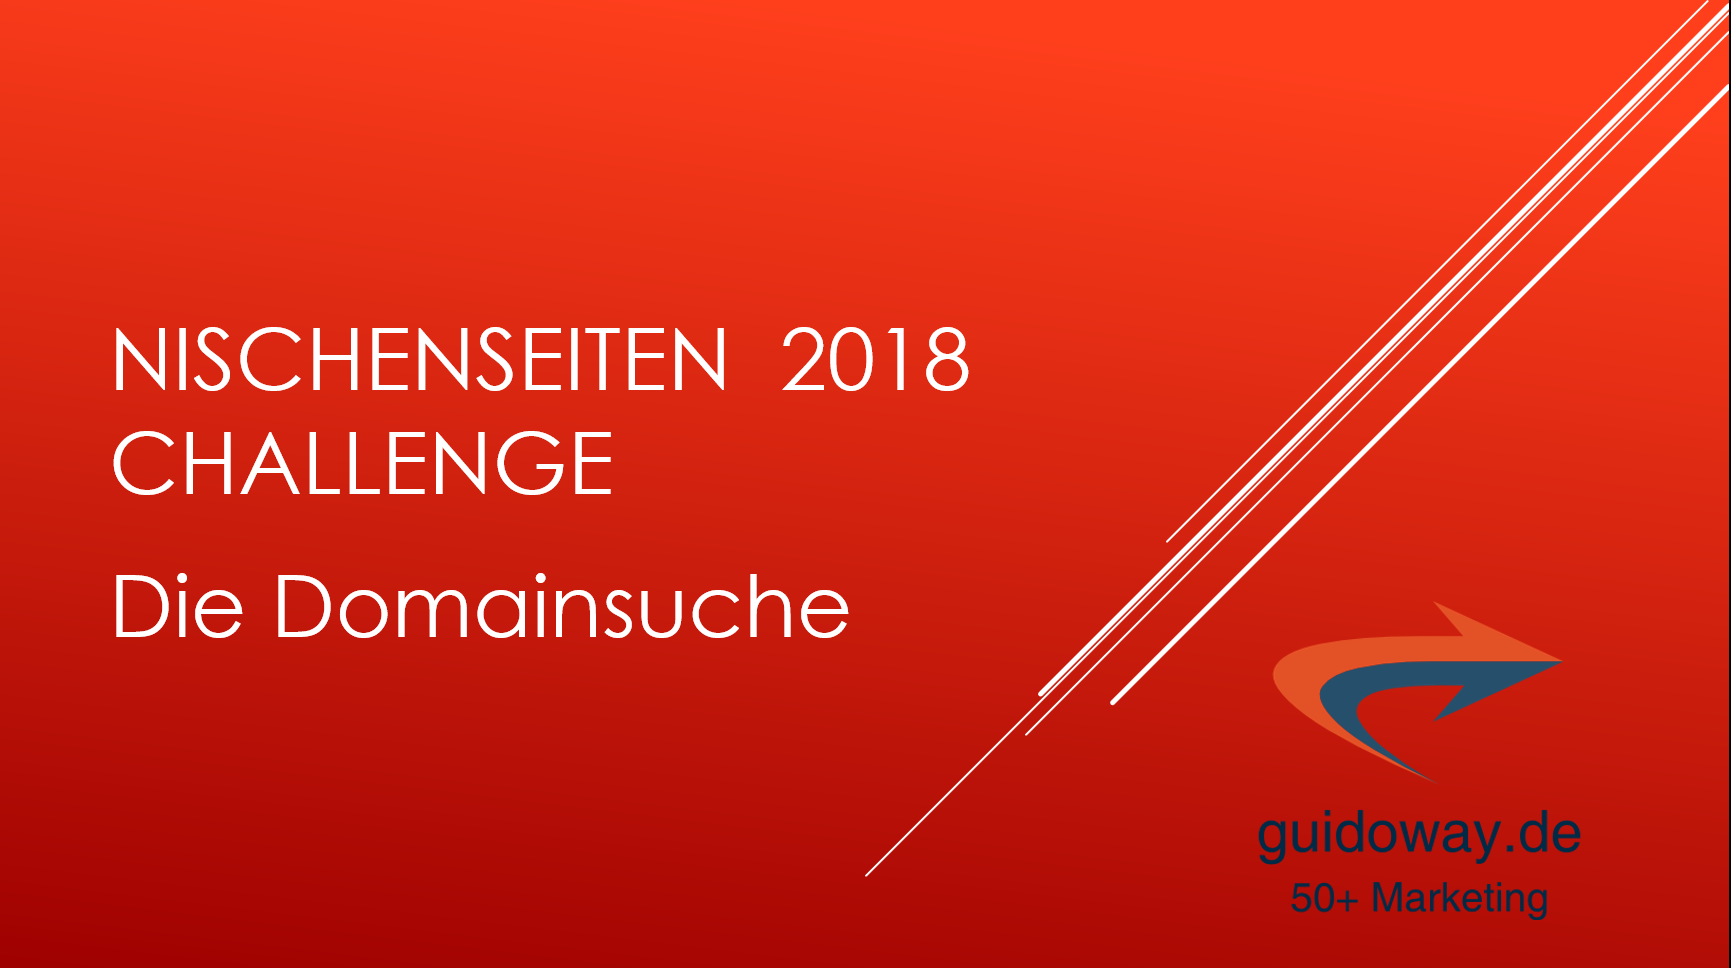 Nischenchallenge 2018 - Domainsuche